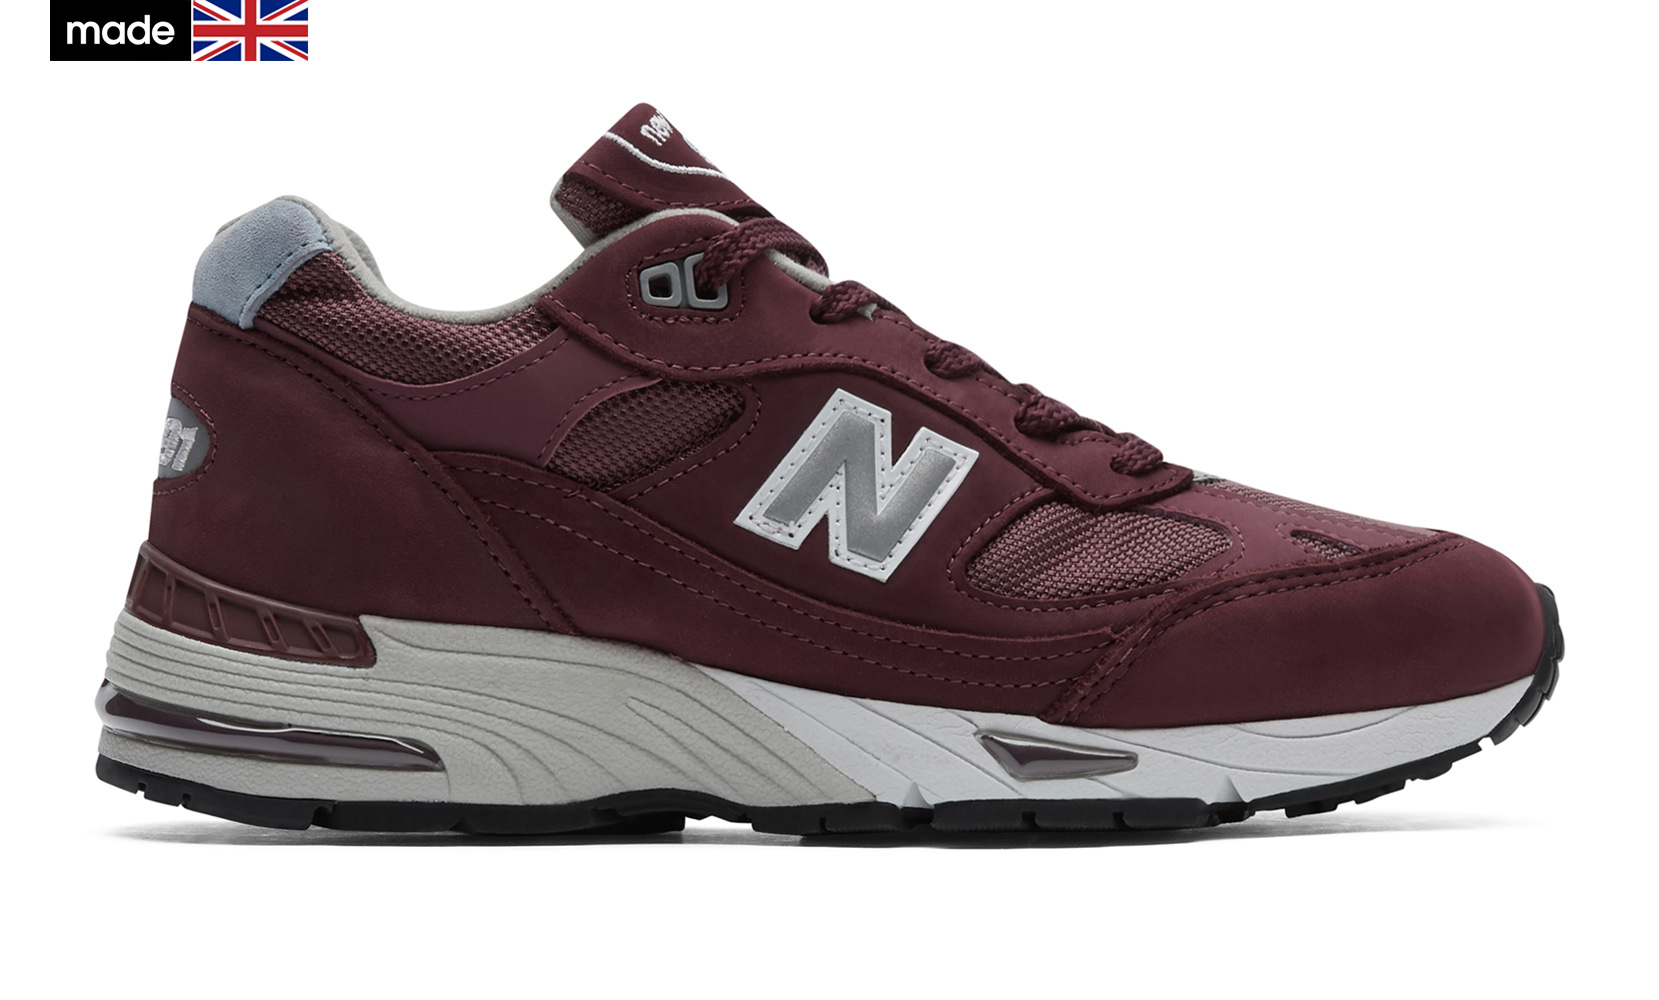 Жіноче взуття повсякденне New Balance 991 Made in UK W991BBL | New Balance